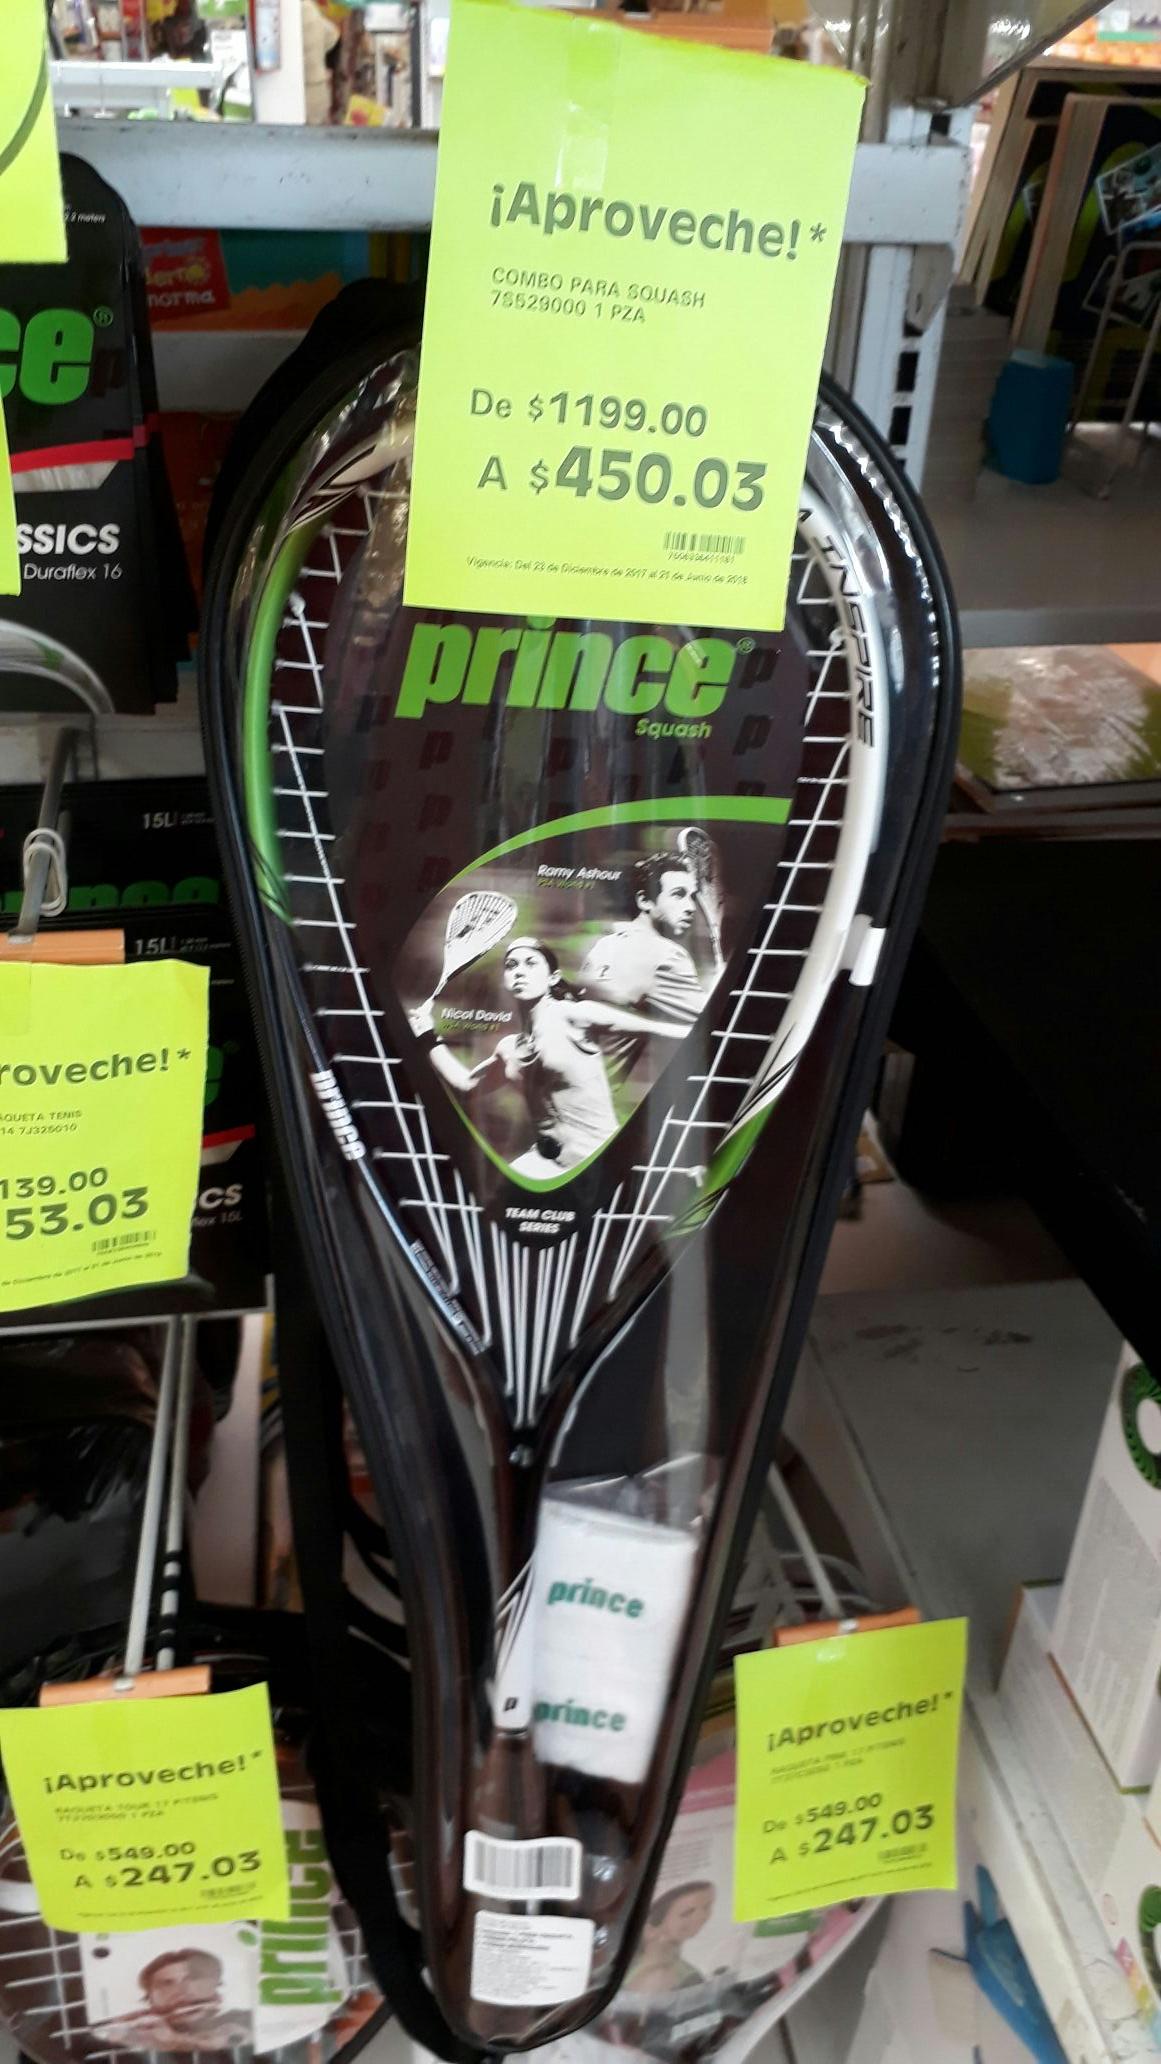 La Comer: Raqueta Squash Prince a $450